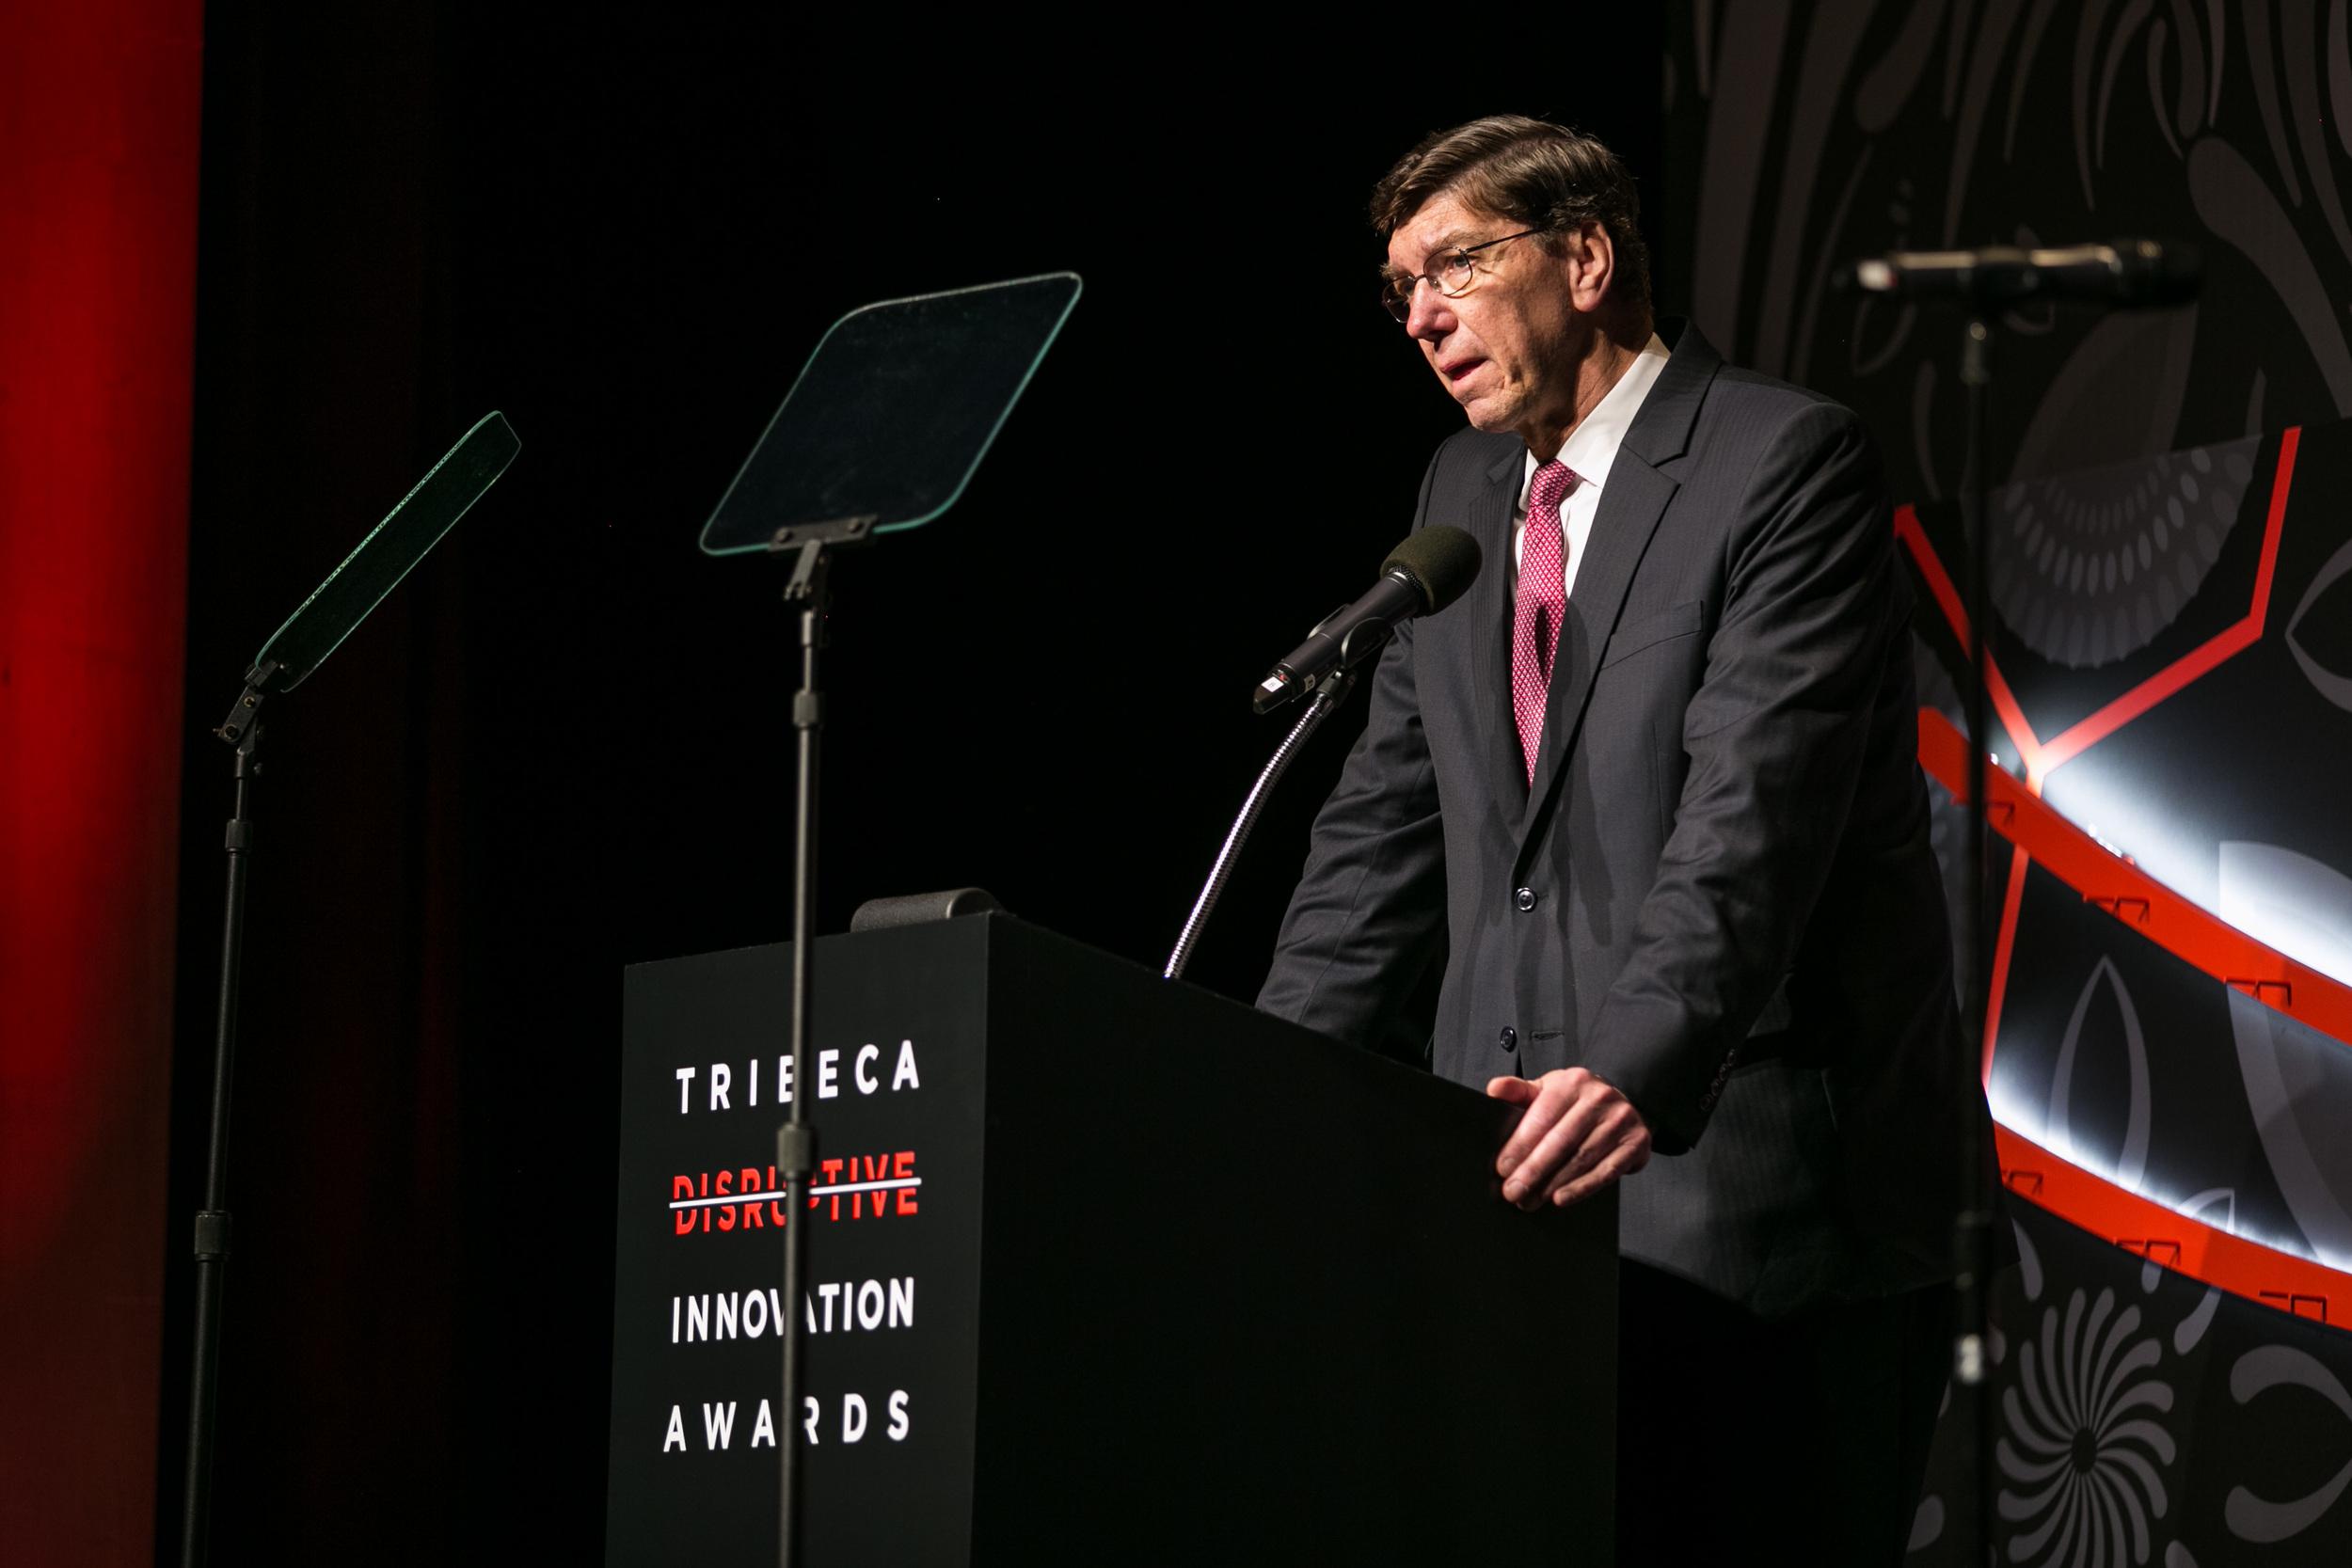 20160422-Tribeca Disruptive Innovation Awards-1363.jpg